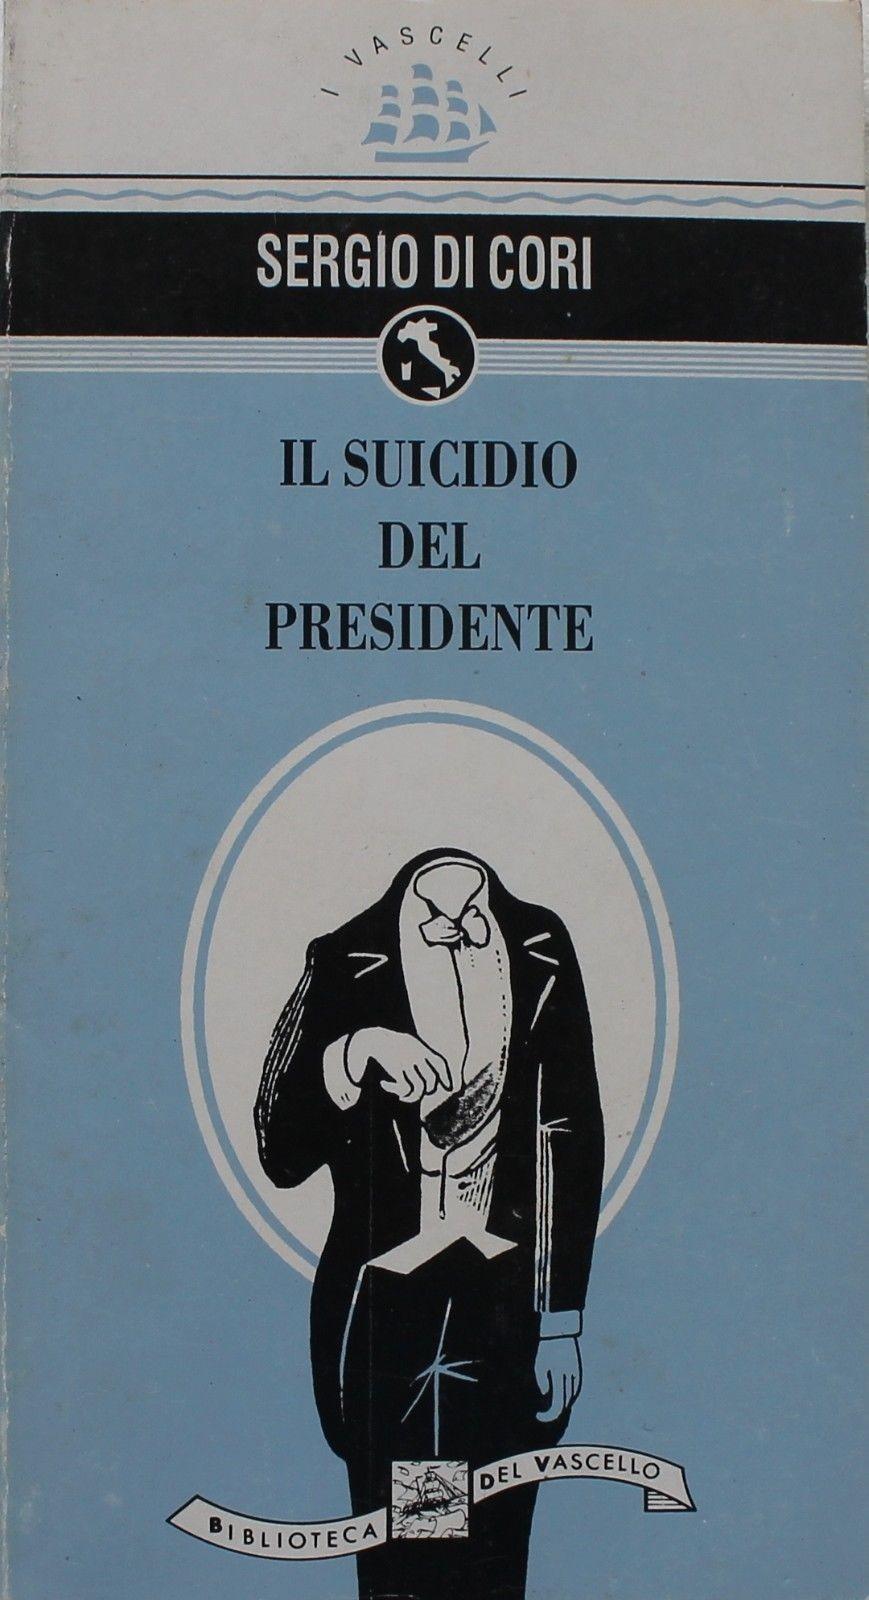 Il suicidio del presidente,Sergio Di Cori,Biblioteca del Vascello